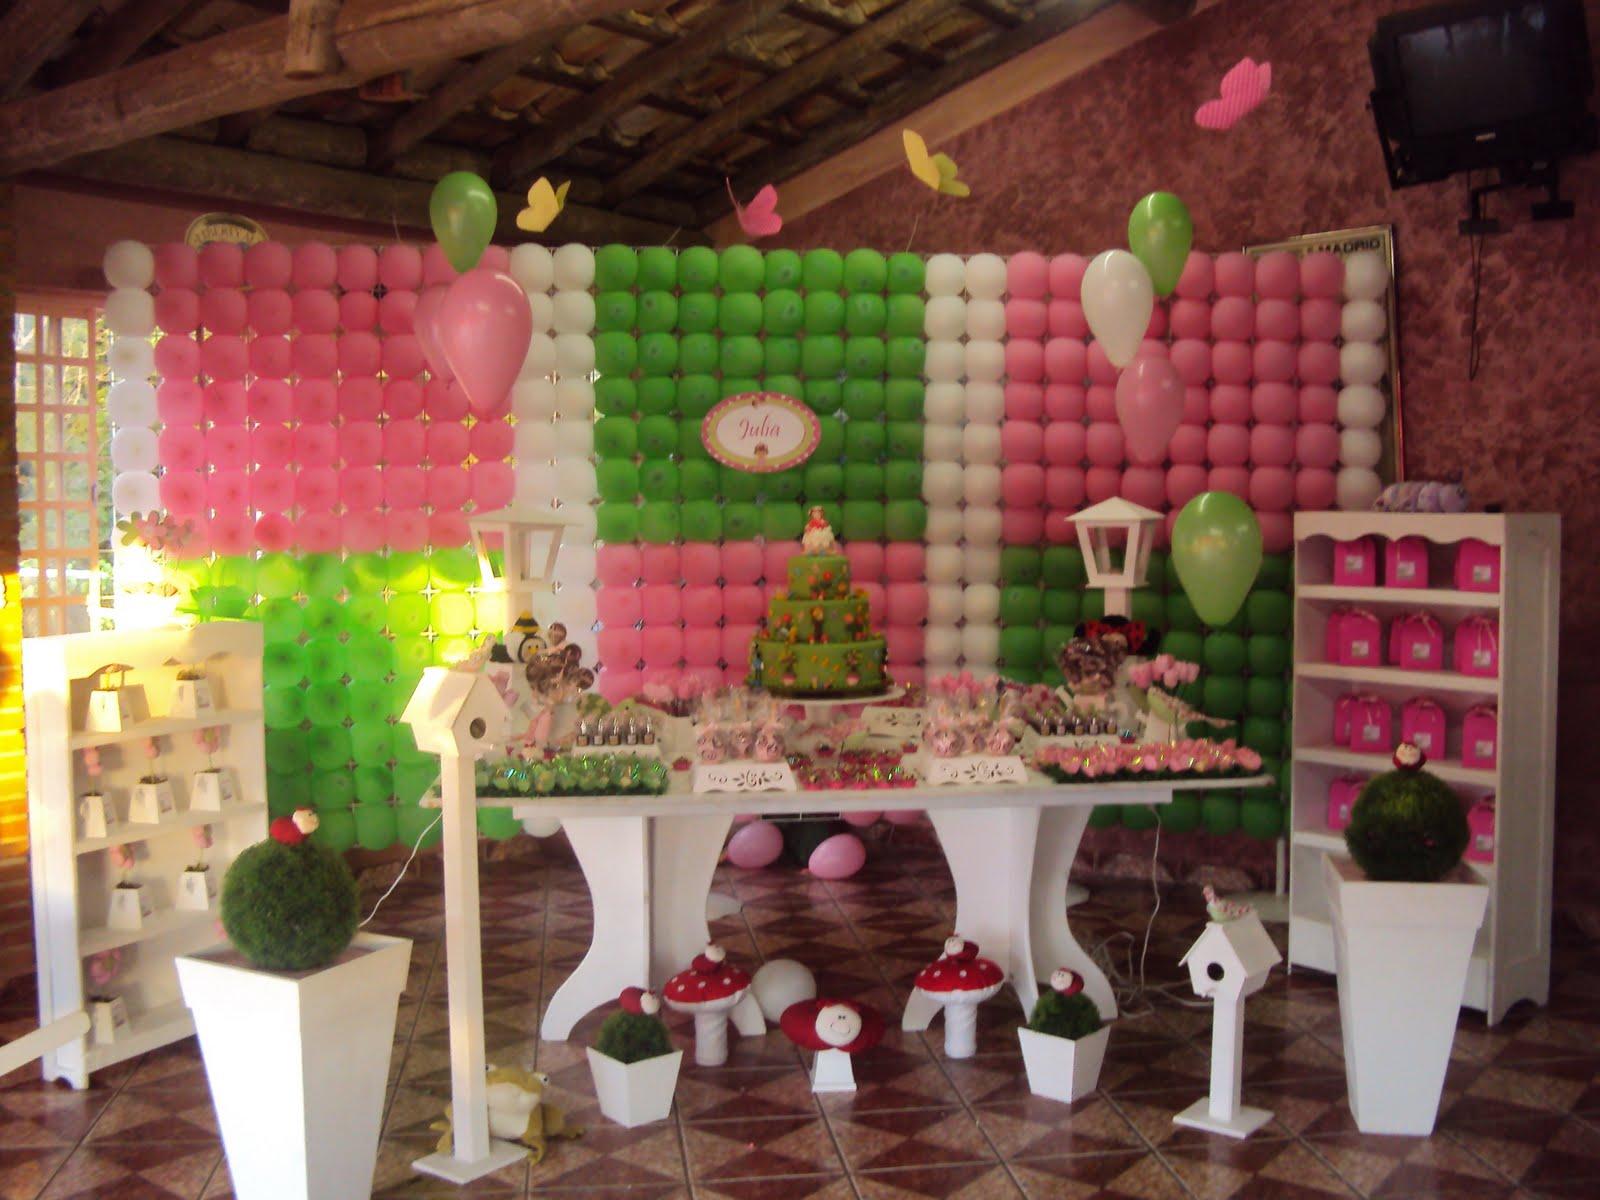 festa tema jardim clean:Tema: Jardim Encantado